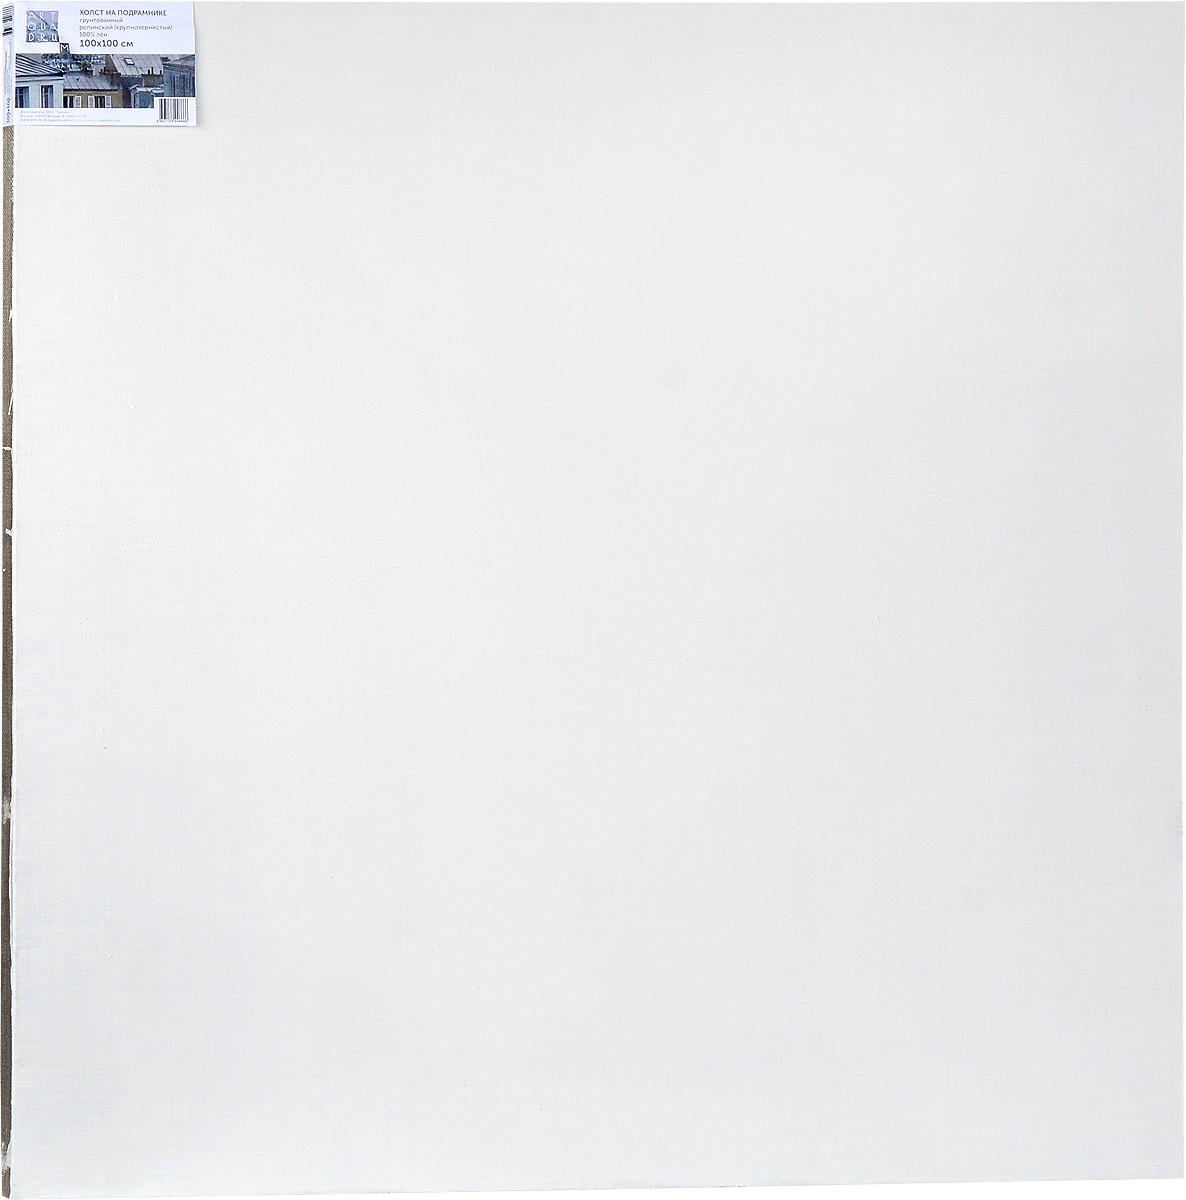 Холст ArtQuaDram Репинский на подрамнике, грунтованный, 100 х 100 смТ0003897Холст на деревянном подрамнике ArtQuaDram Репинский изготовлен из 100% натурального льна. Подходит для профессионалов и художников. Холст не трескается, не впитывает слишком много краски, цвет краски и качество не изменяются. Холст идеально подходит для масляной и акриловой живописи.